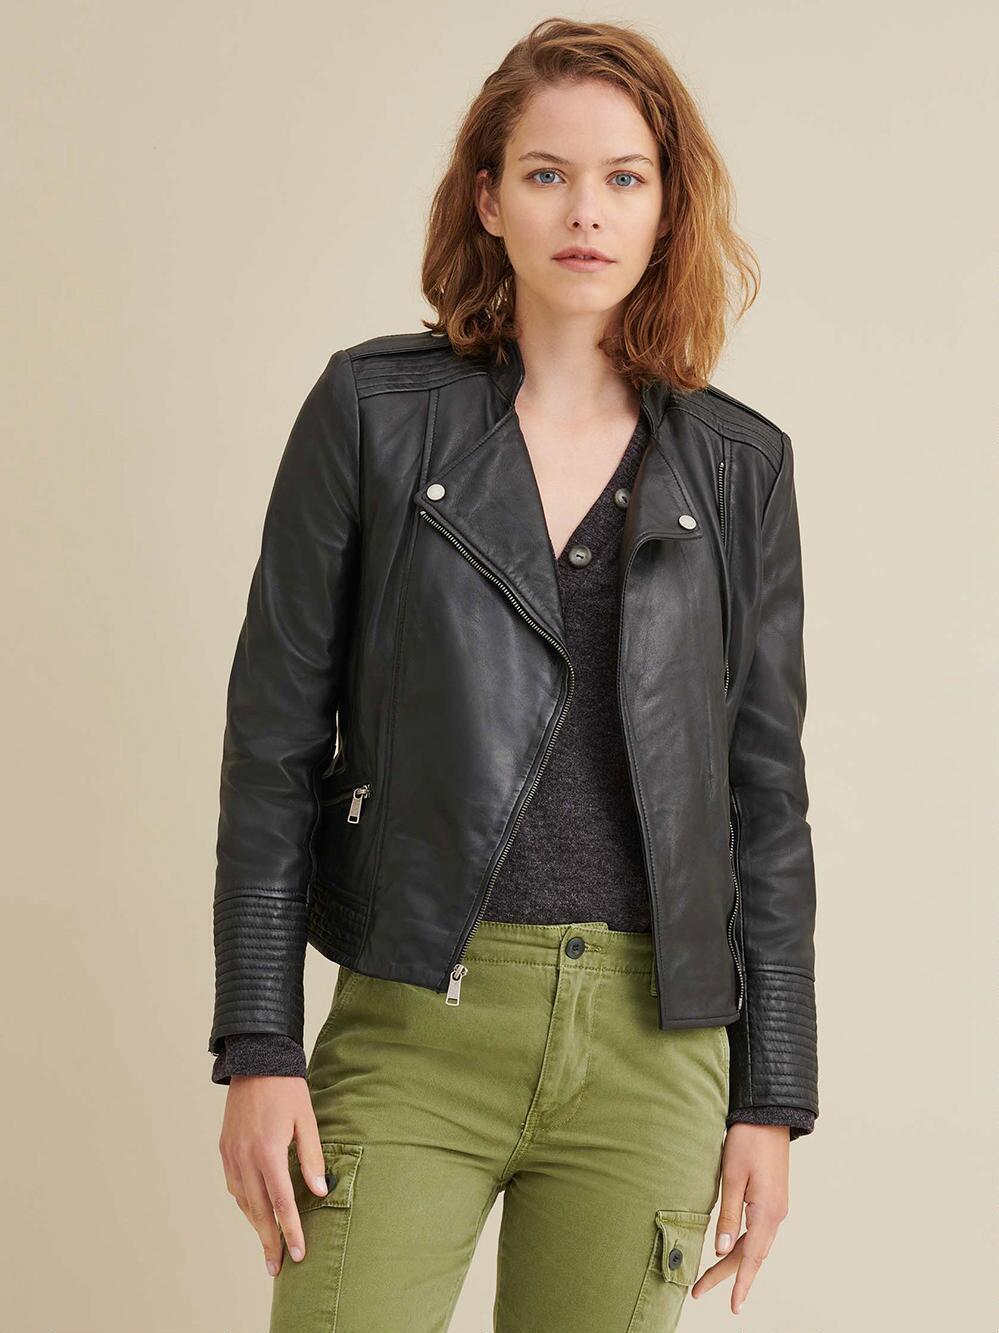 Monica Asymmetrical Leather Jacket Asymmetrical Leather Jacket Leather Jacket Leather Jacket Style [ 1333 x 999 Pixel ]